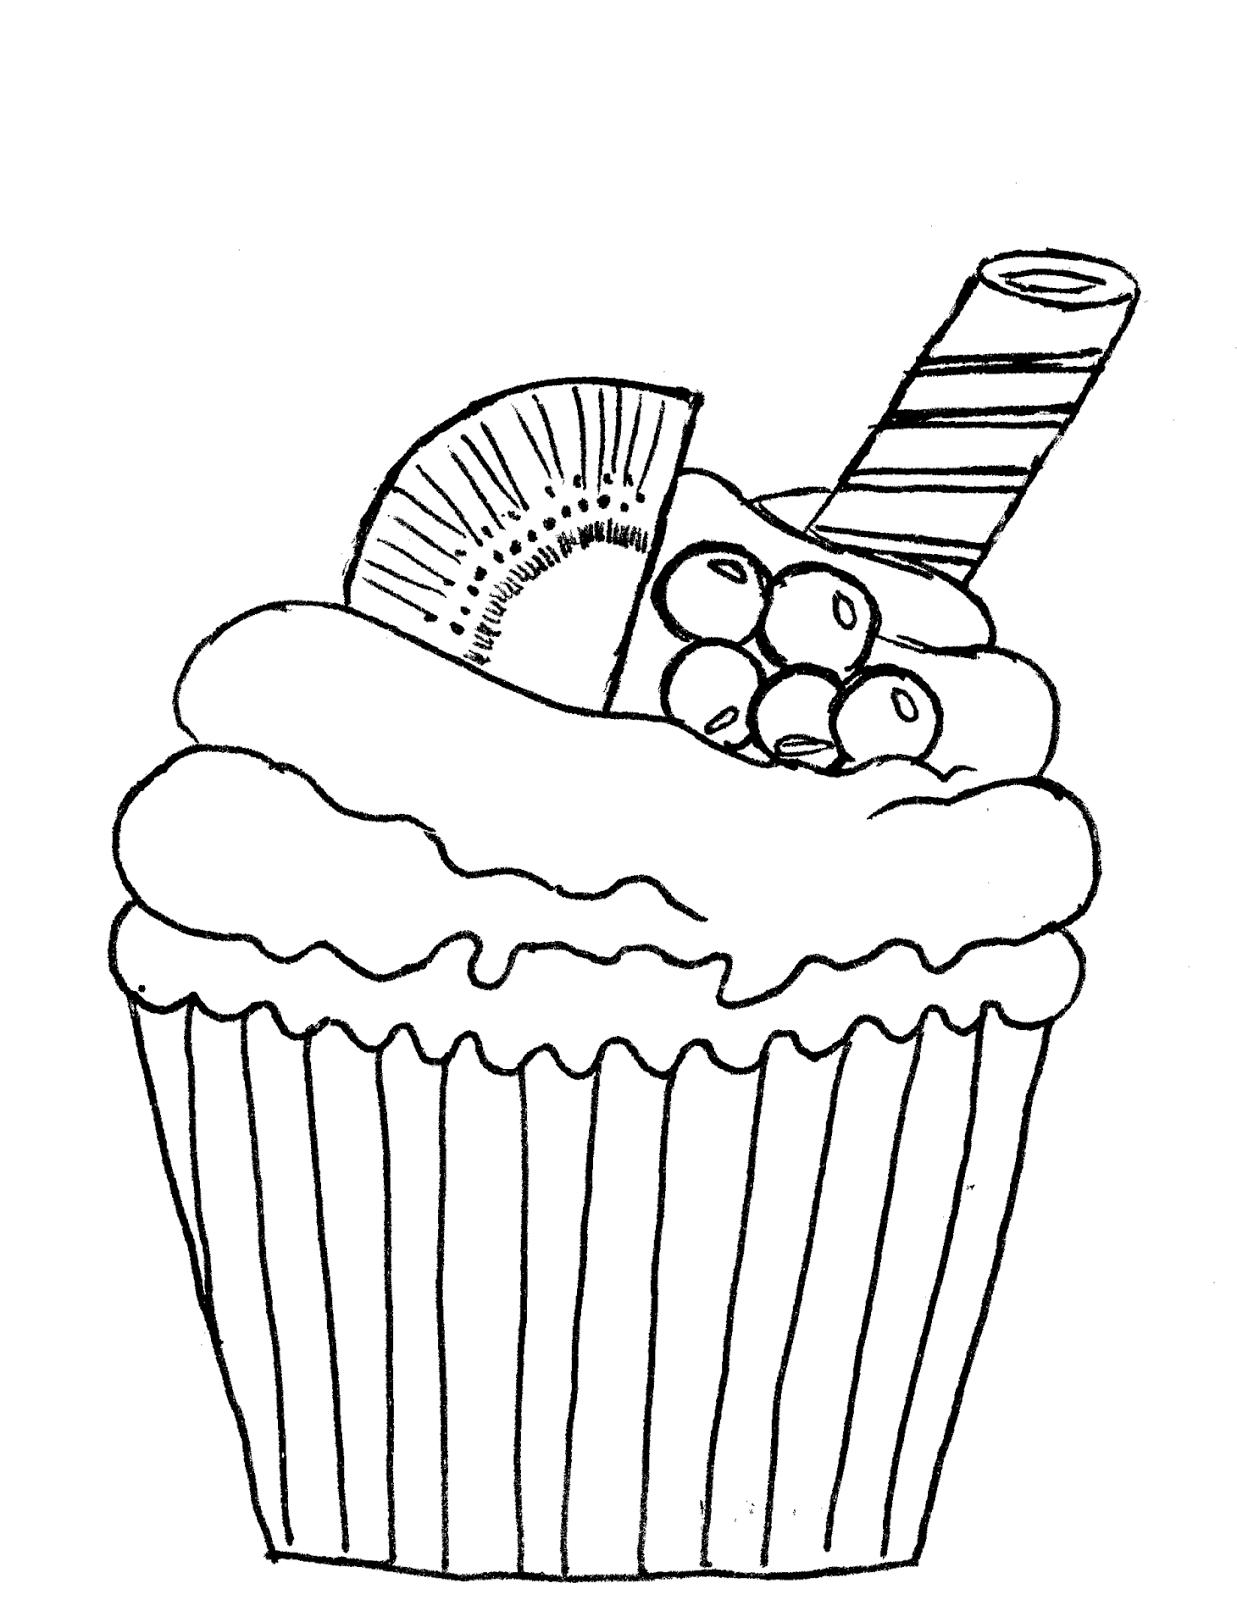 это пирожное картинки карандашом будто волшебный